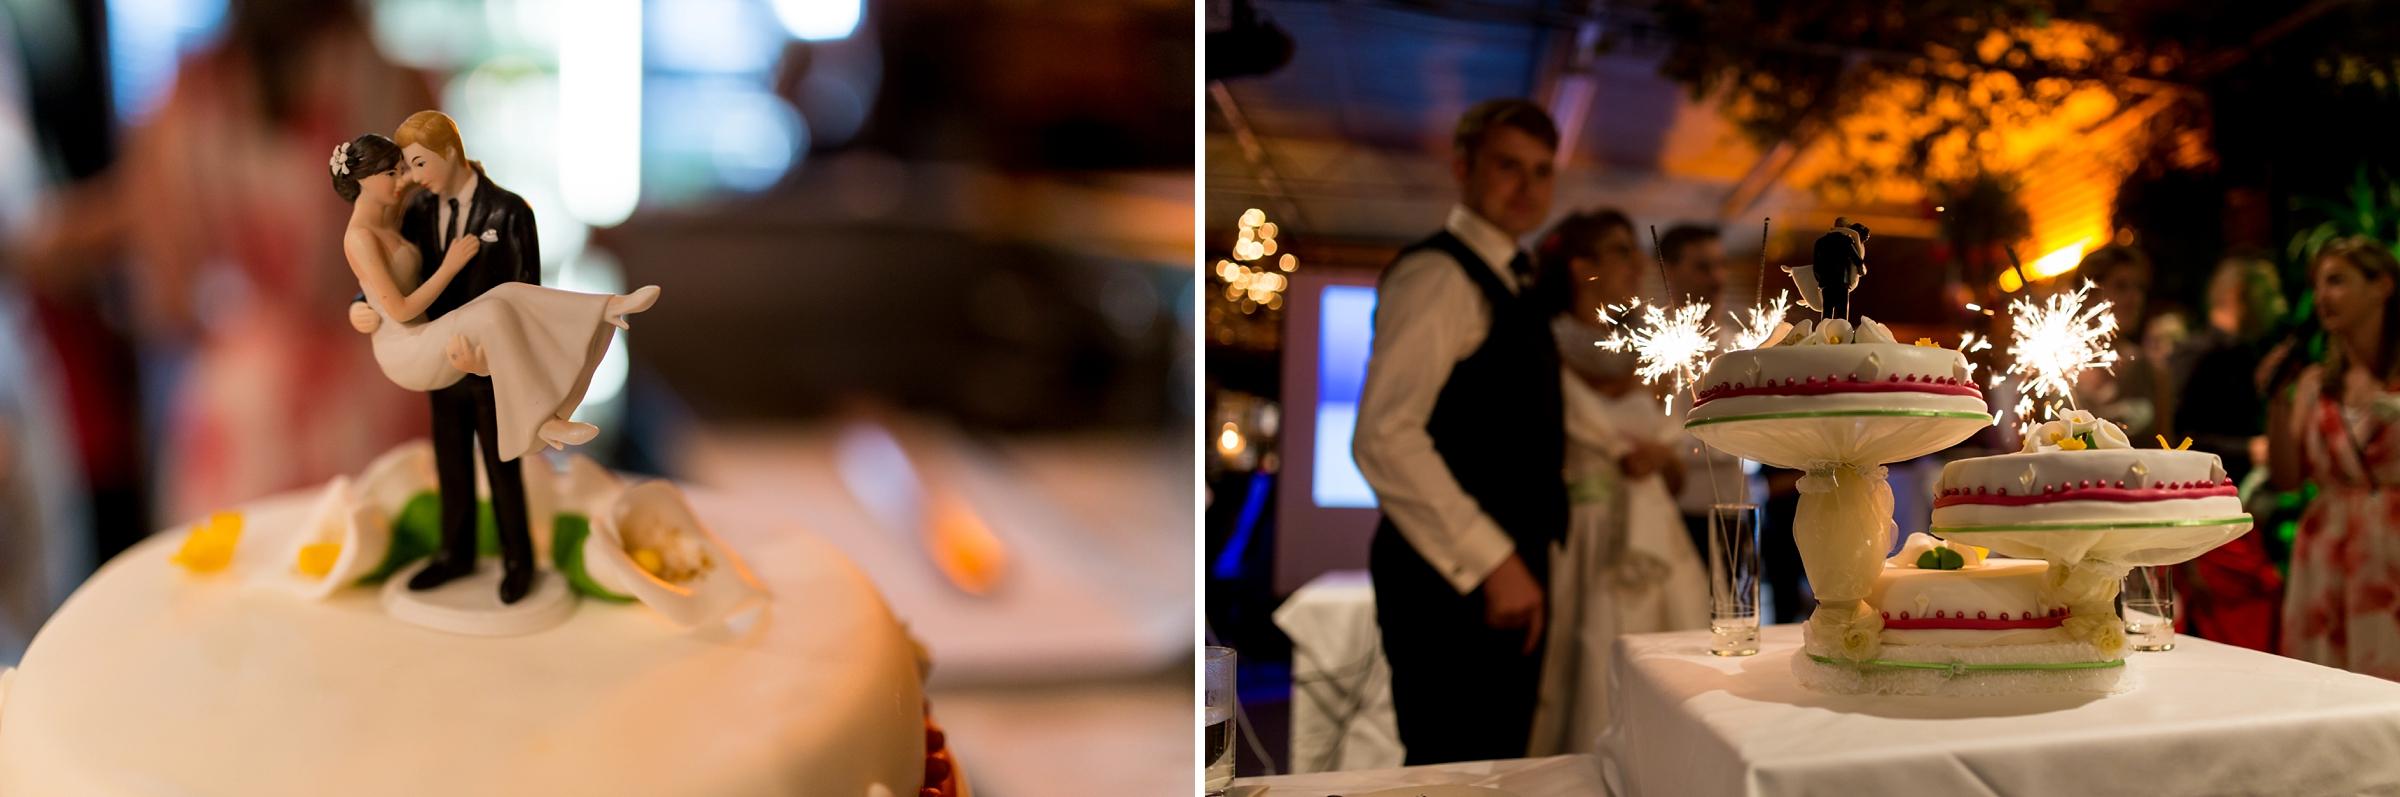 Hochzeitstorte-Giardino-Verde-Uitikon